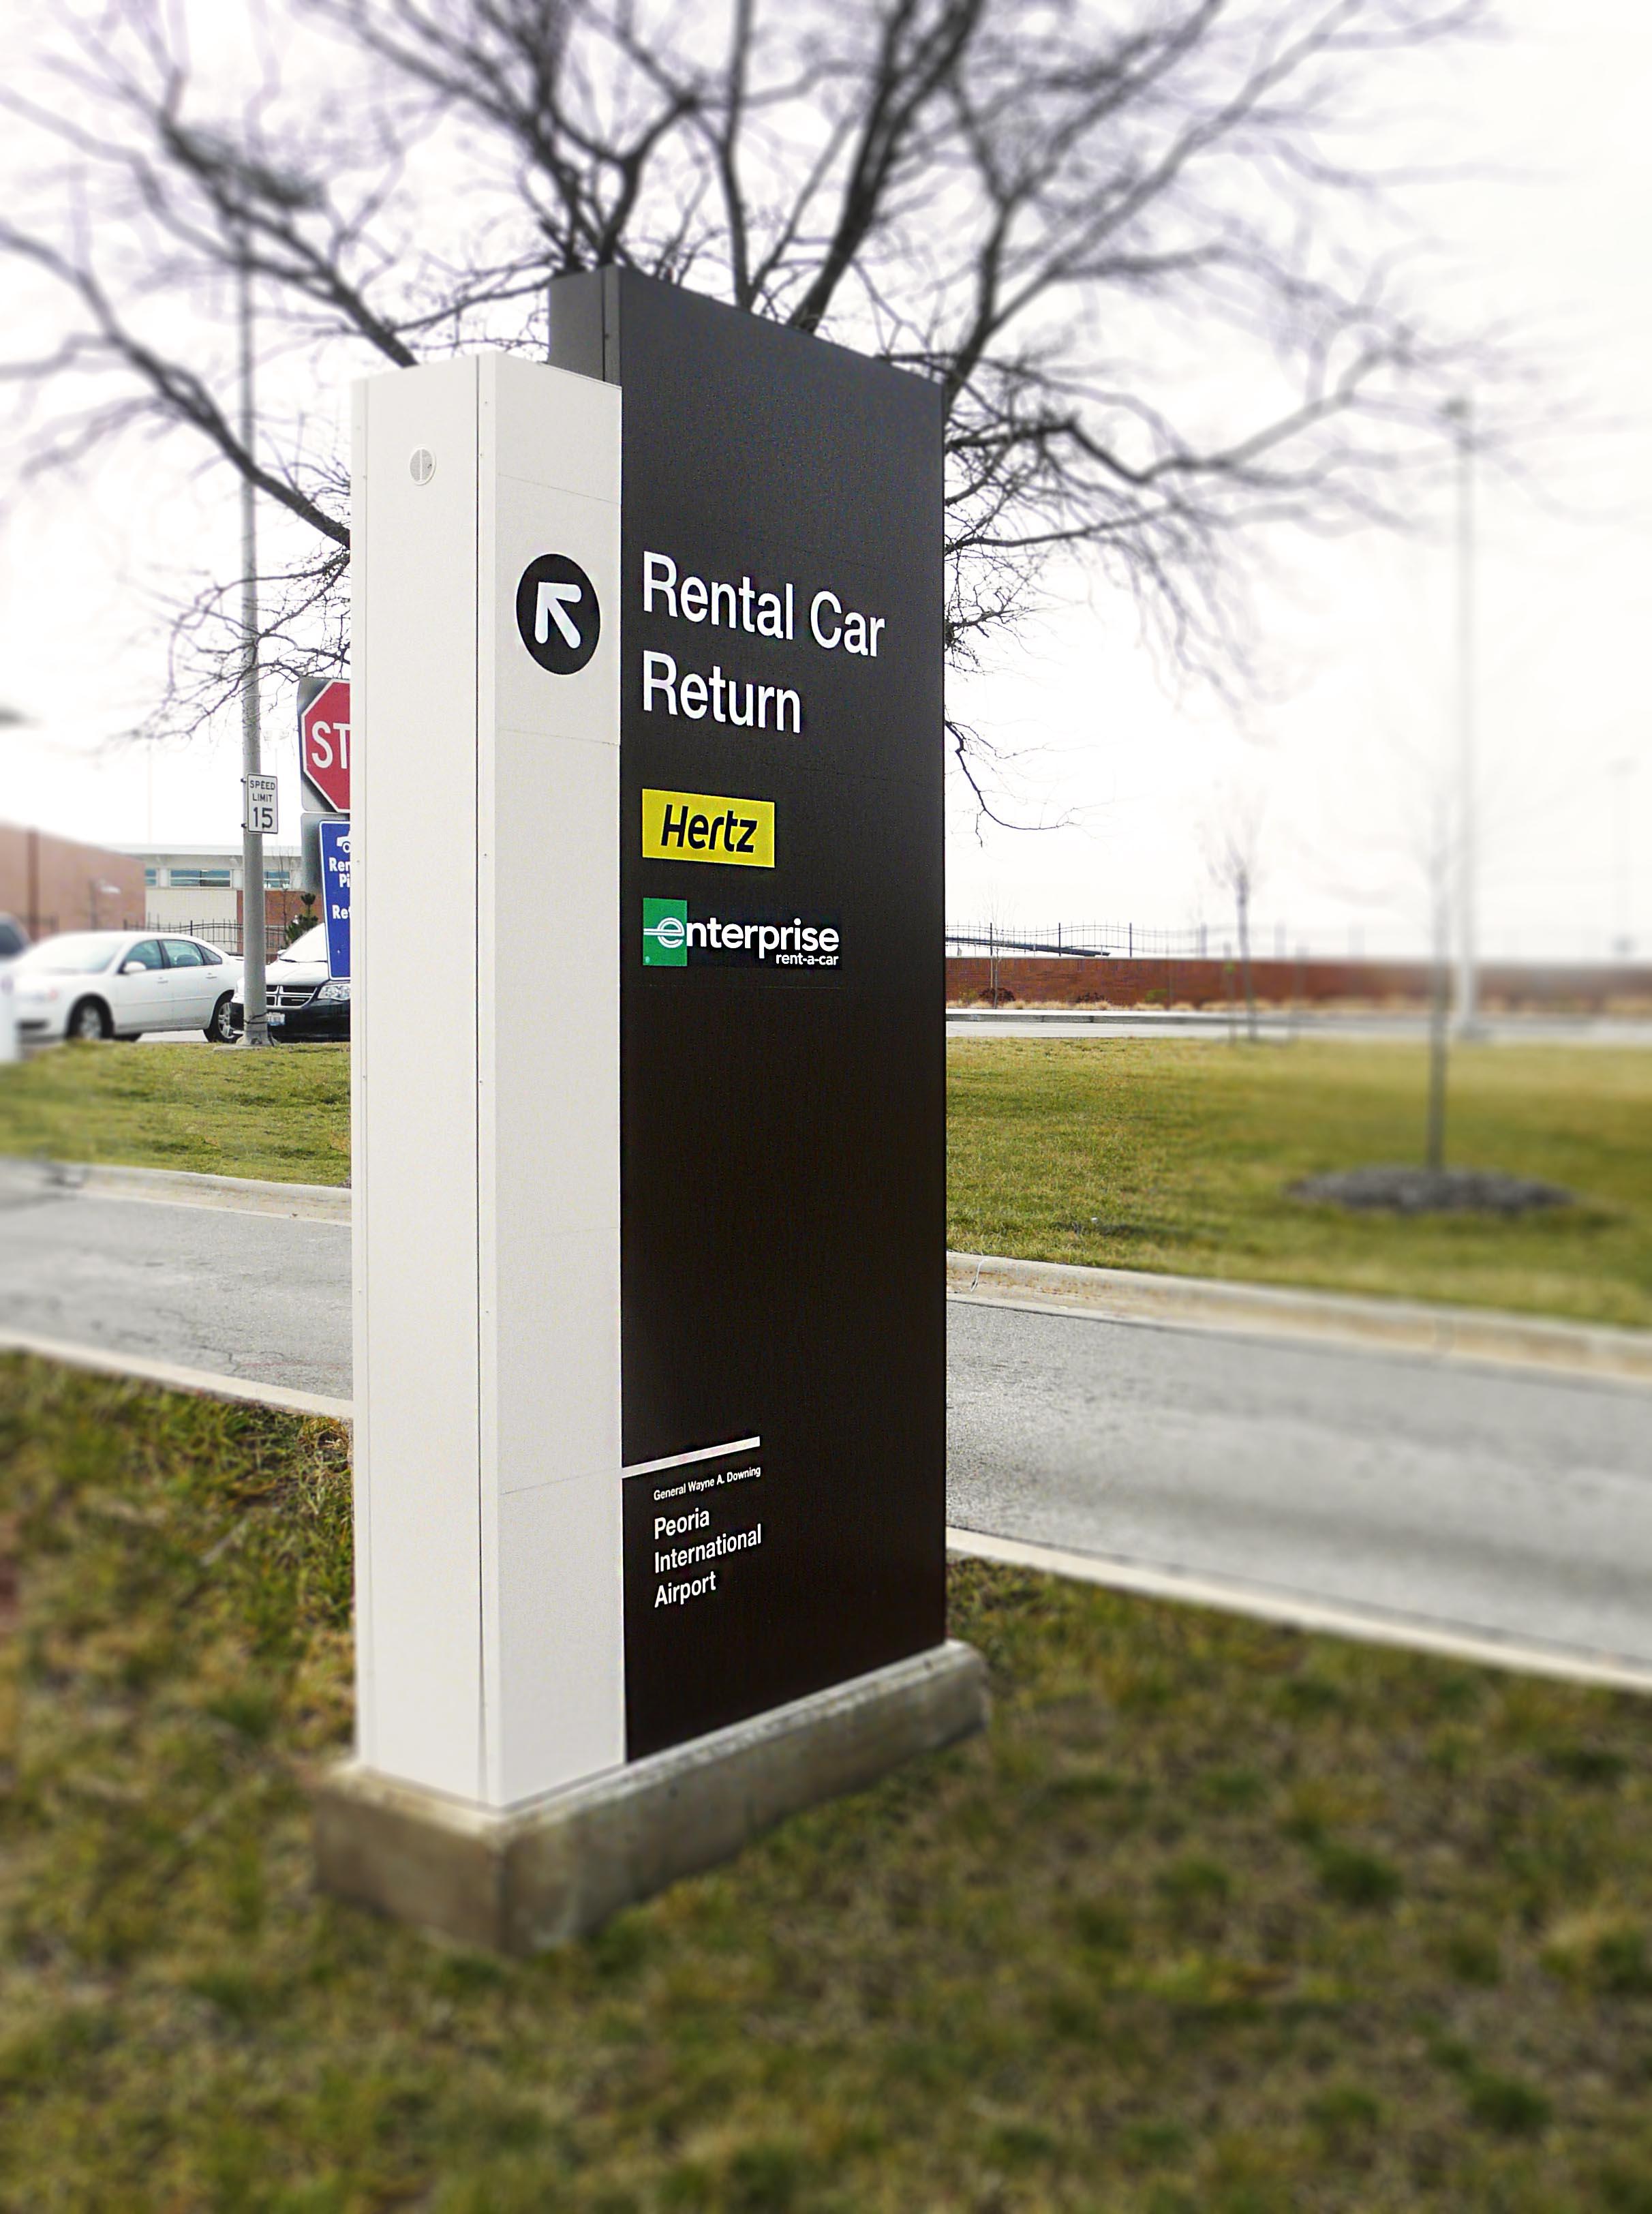 Rental Car Return Sign At Airport